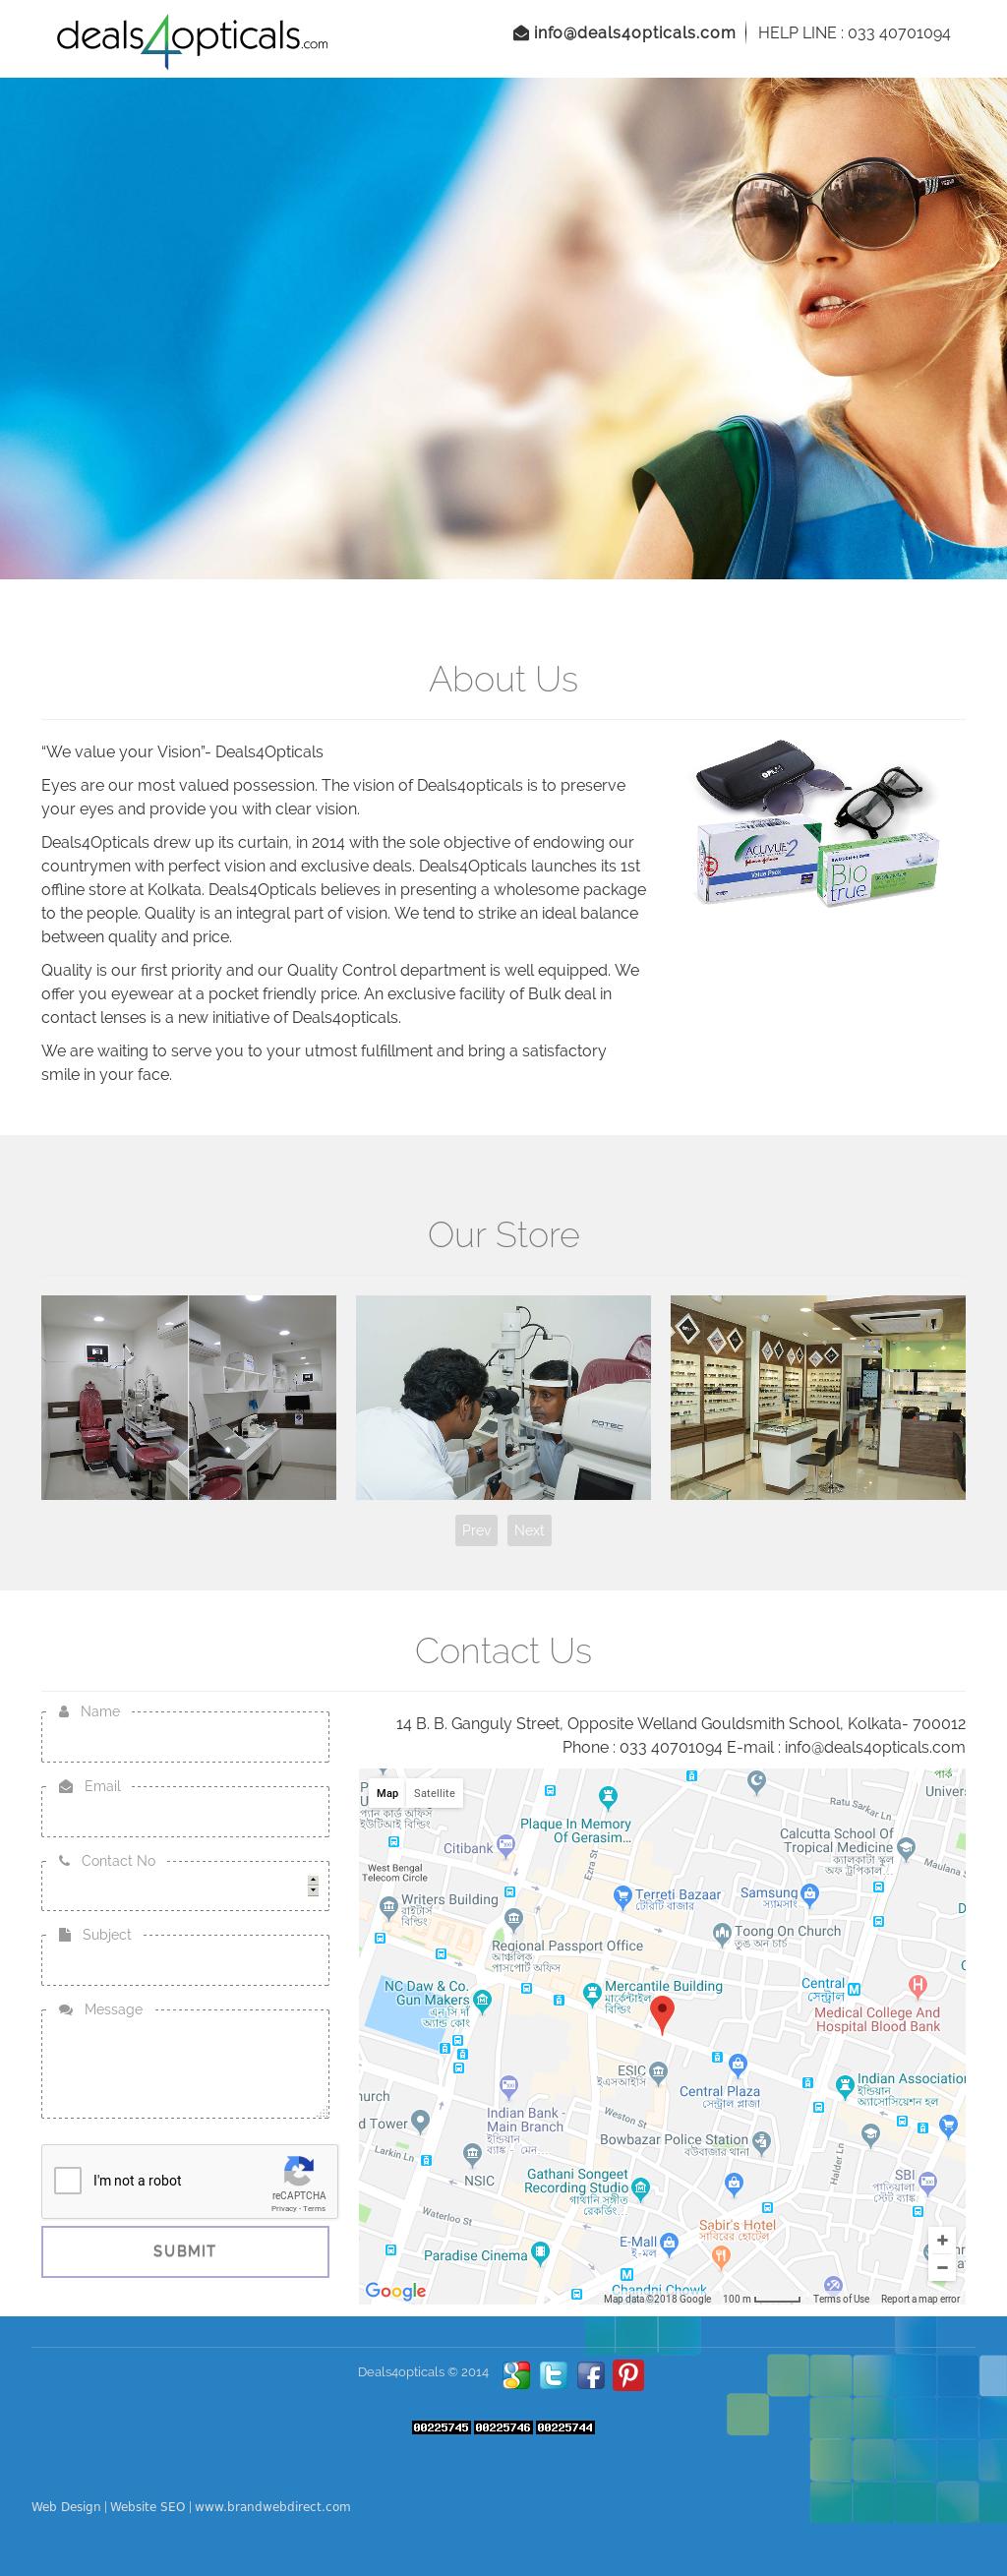 e5b530114156 Deals4opticals Competitors